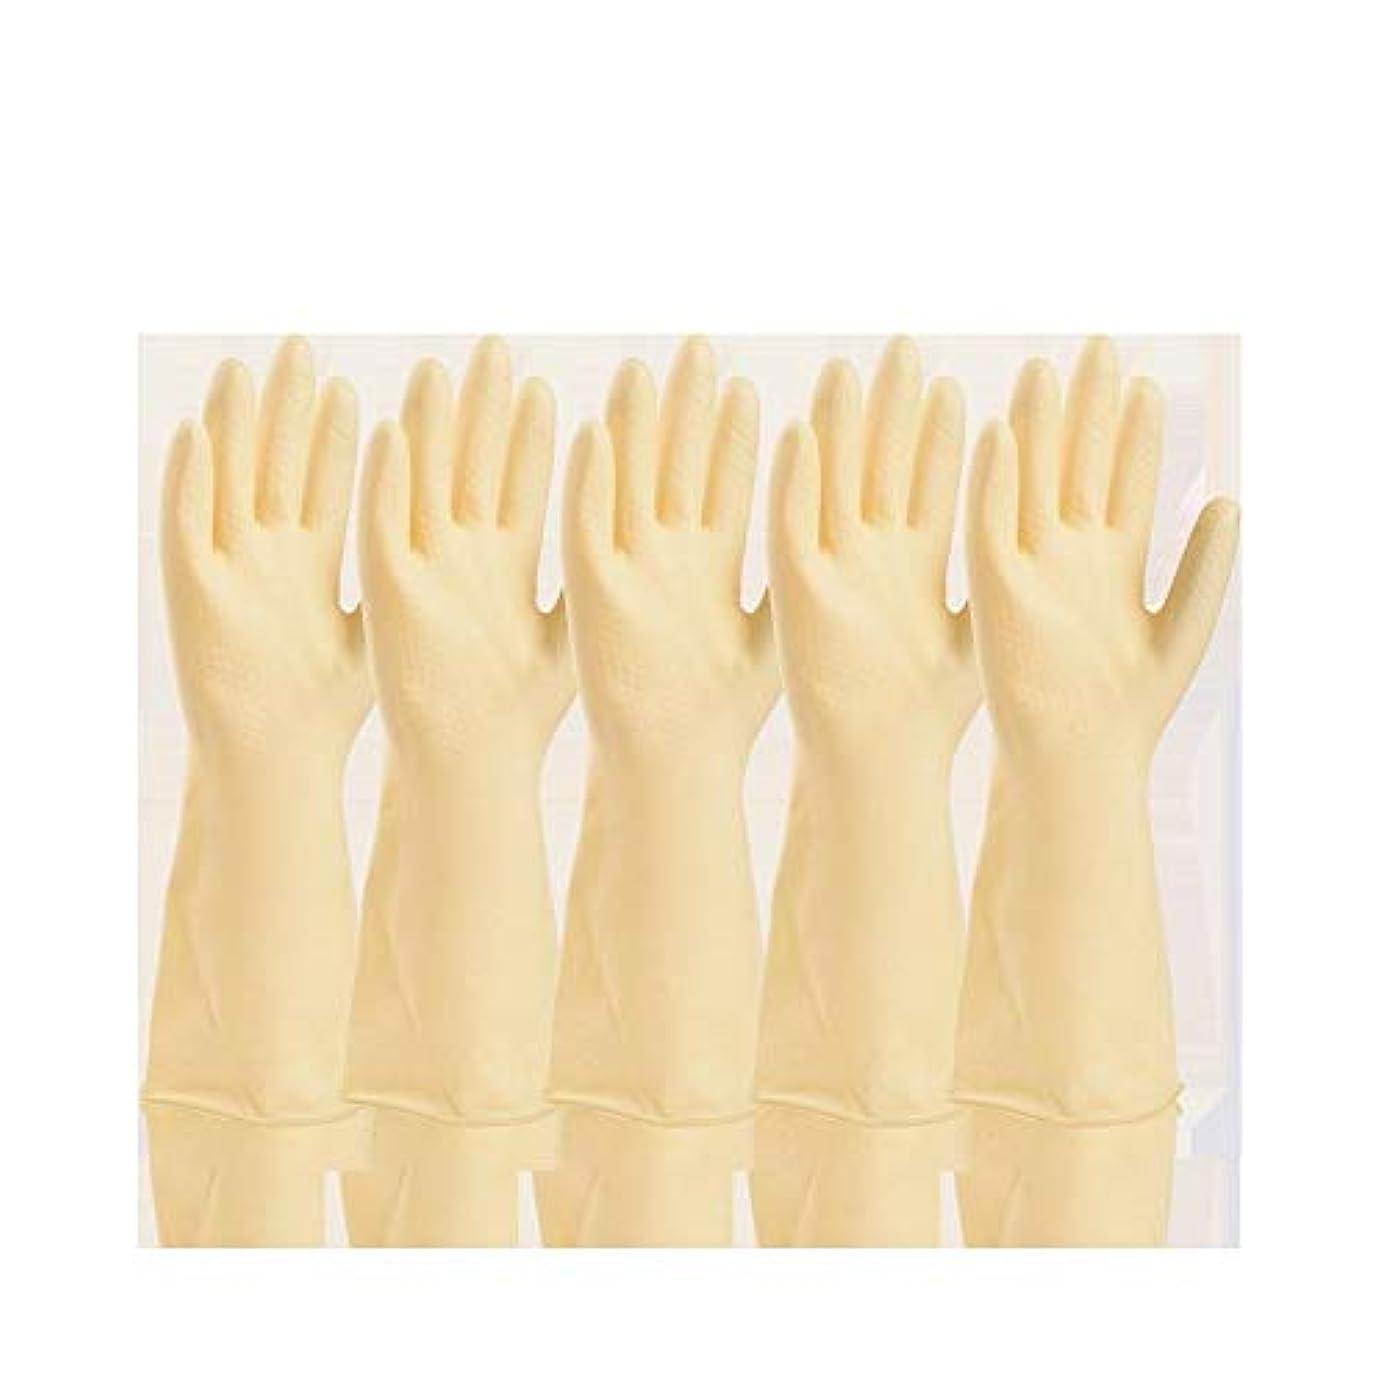 封建リークあさりニトリルゴム手袋 工業用手袋厚手のプラスチック製保護用耐水性防水ラテックス手袋、5ペア 使い捨て手袋 (Color : White, Size : L)